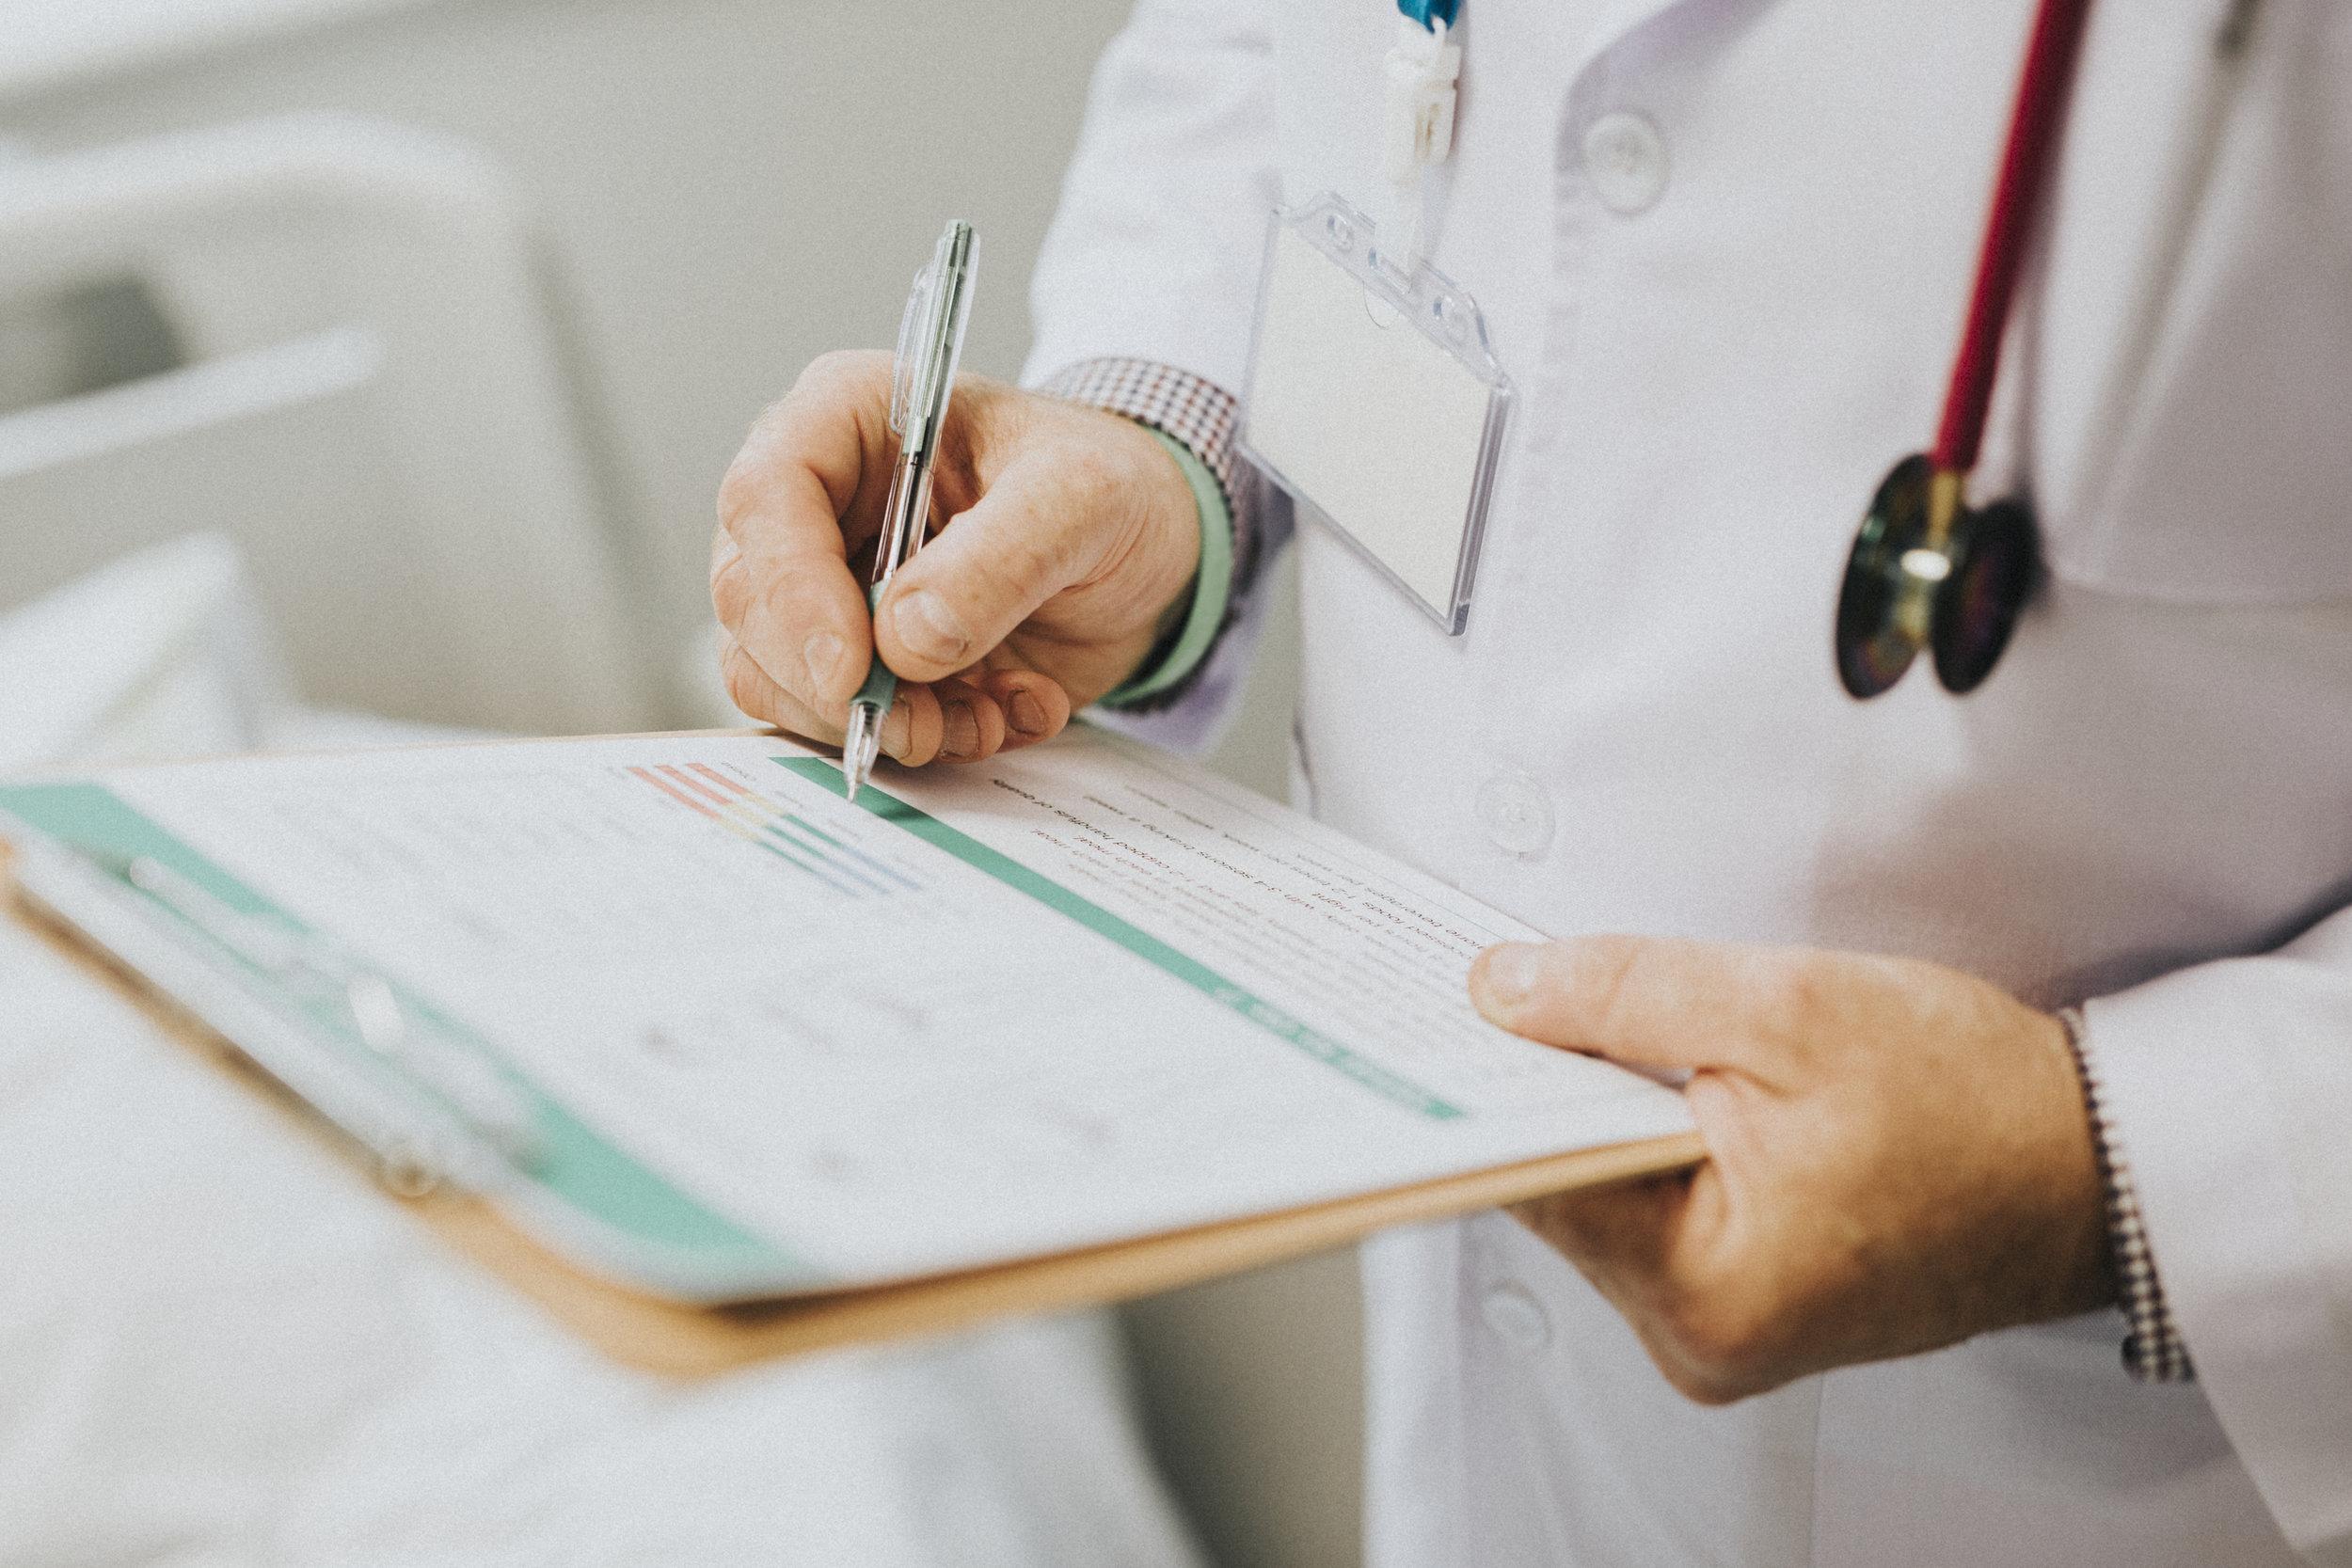 Symptomer på nakkeskade - Symptomene som oppstår ved nakkeskade forårsaket av nakkesleng- mekanismen kan være mange og opptre i tillegg til i nakken og hodet, også andre steder på kroppen…